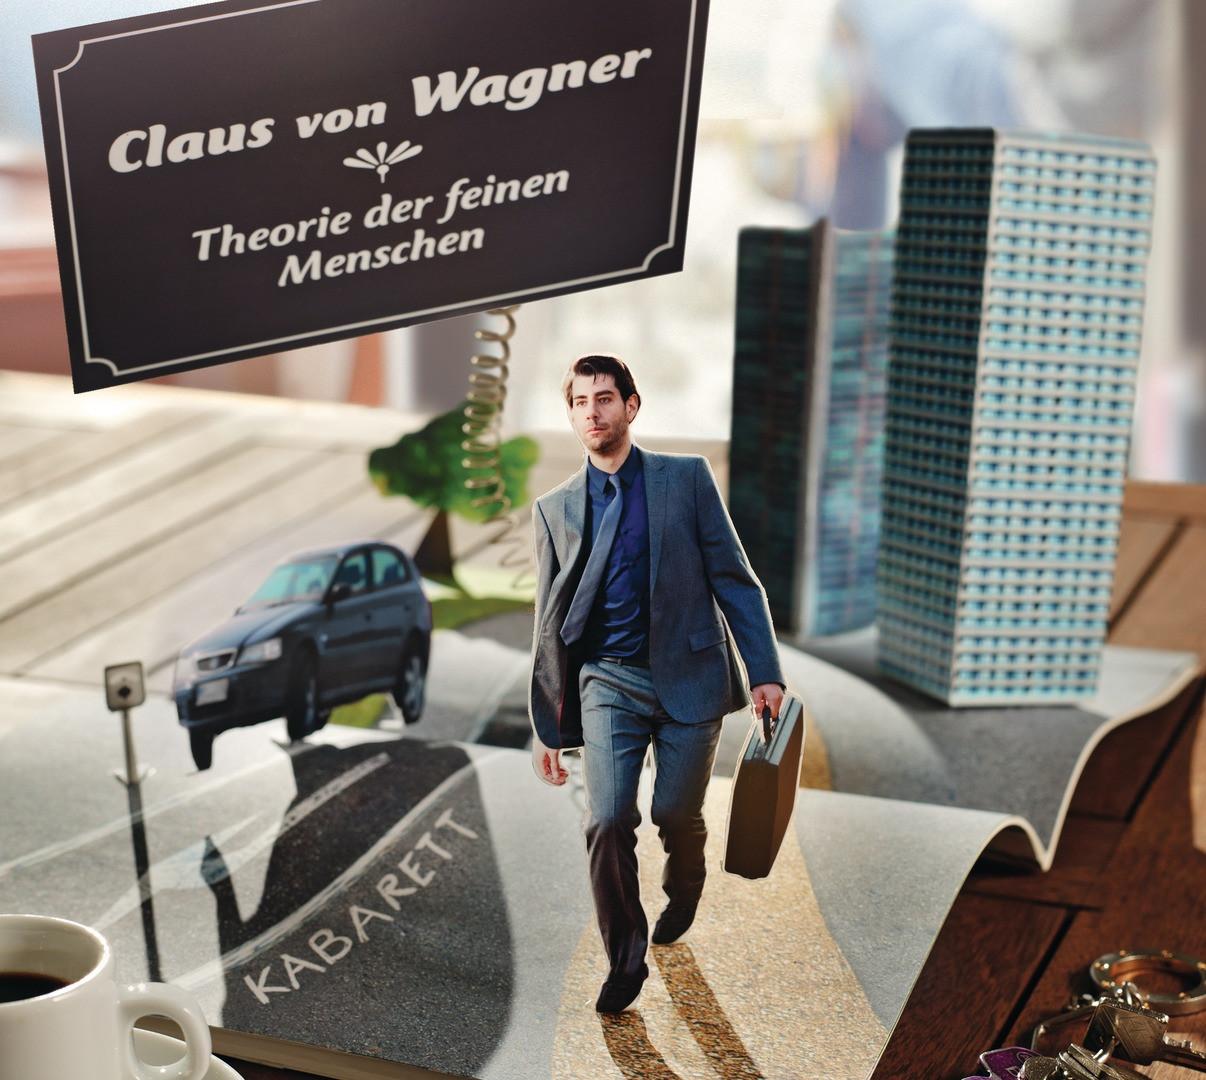 Claus von Wagner - Theorie der feinen Menschen